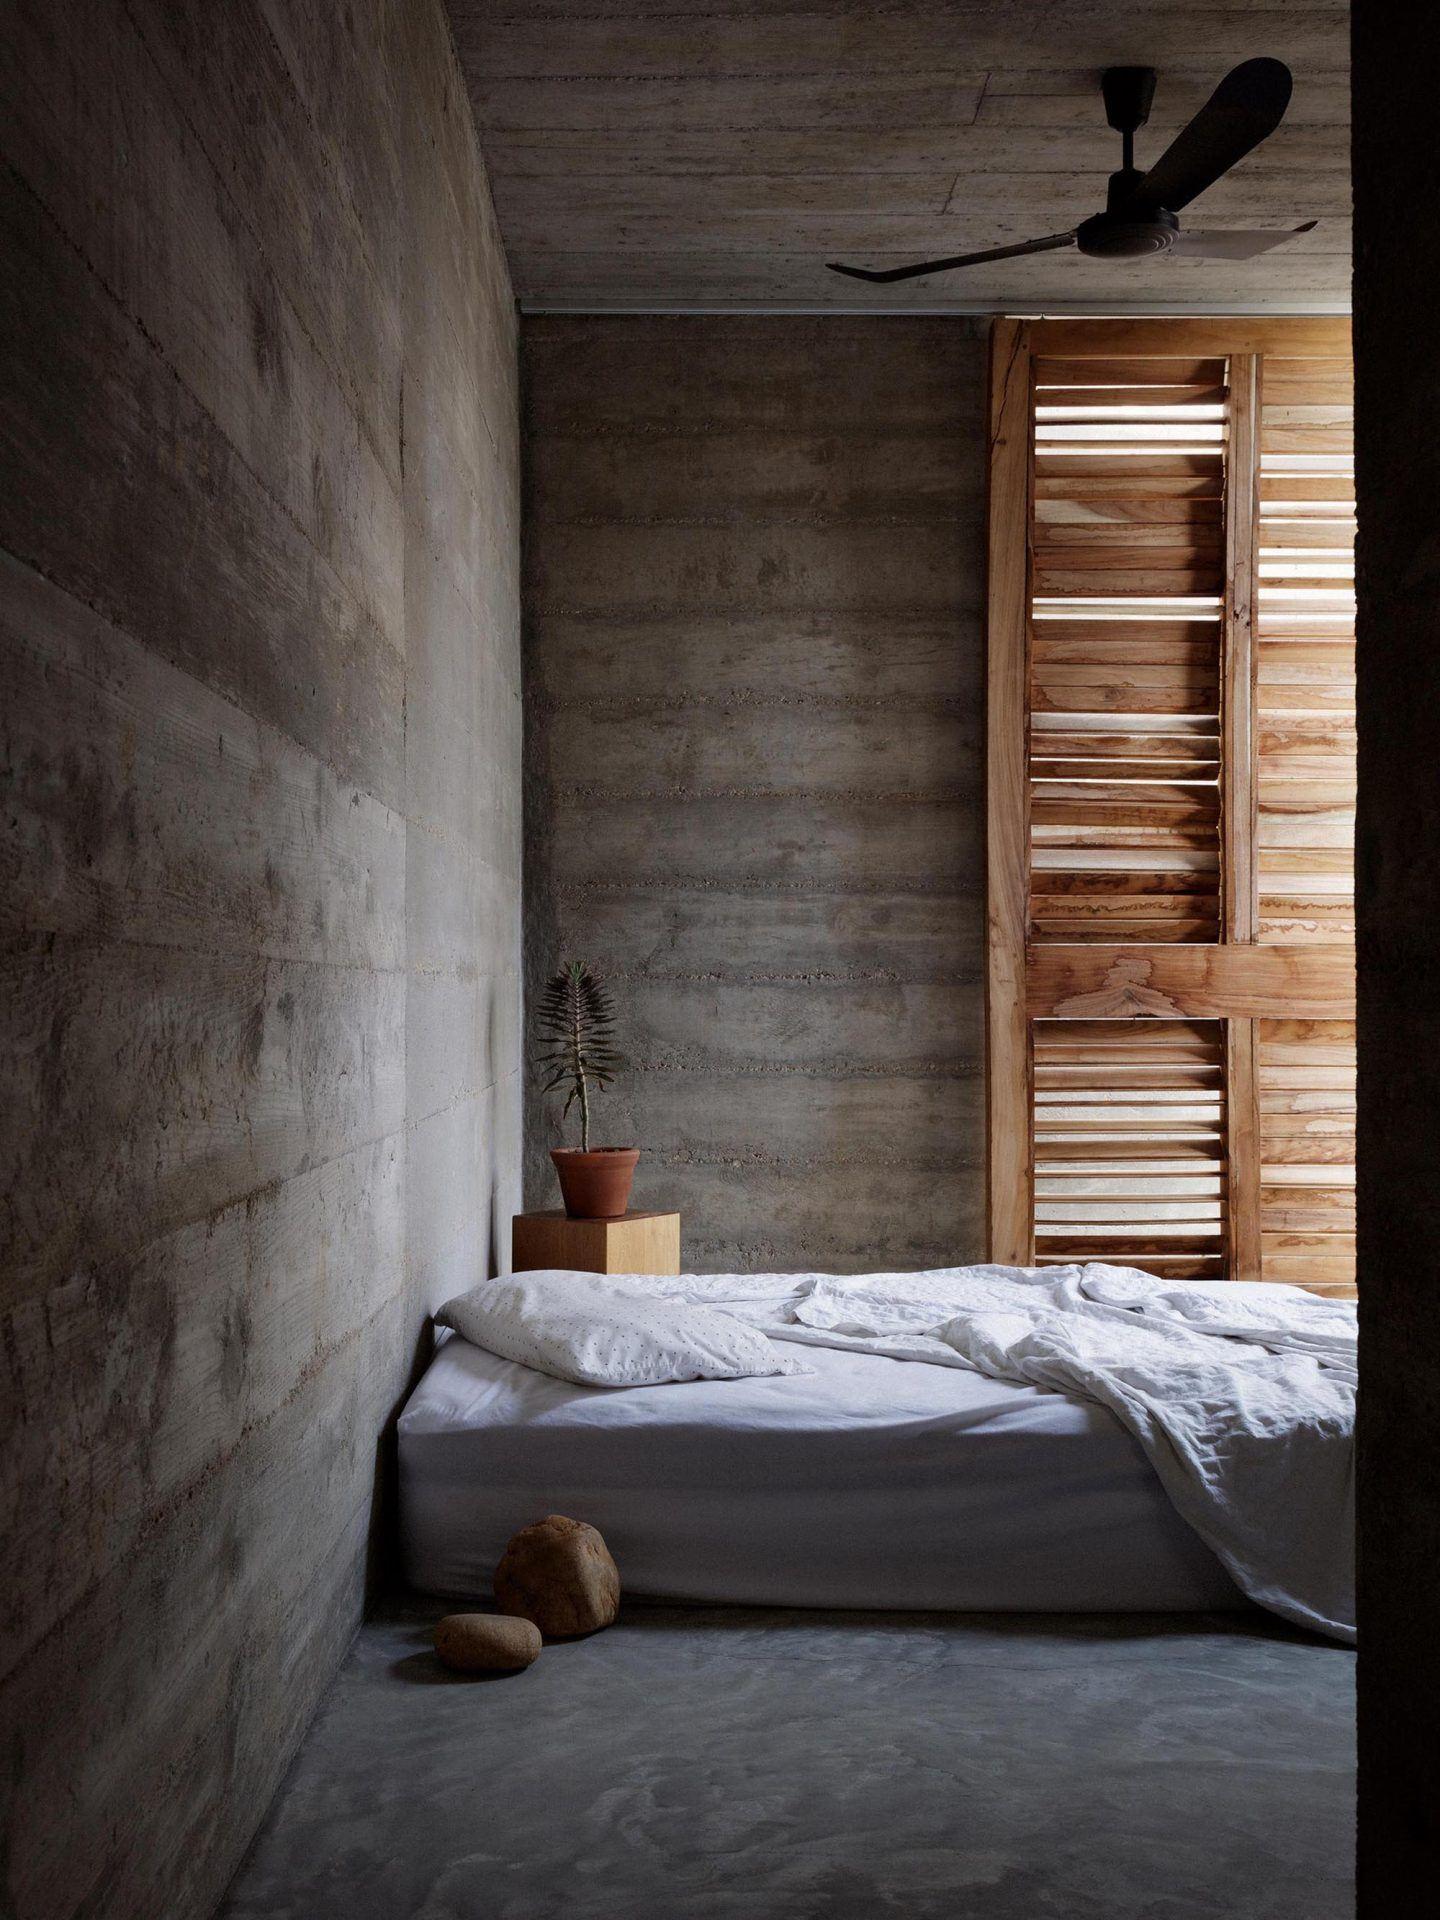 iGNANT-Architecture-Ludwig-Godefroy-Zicatela-House-026